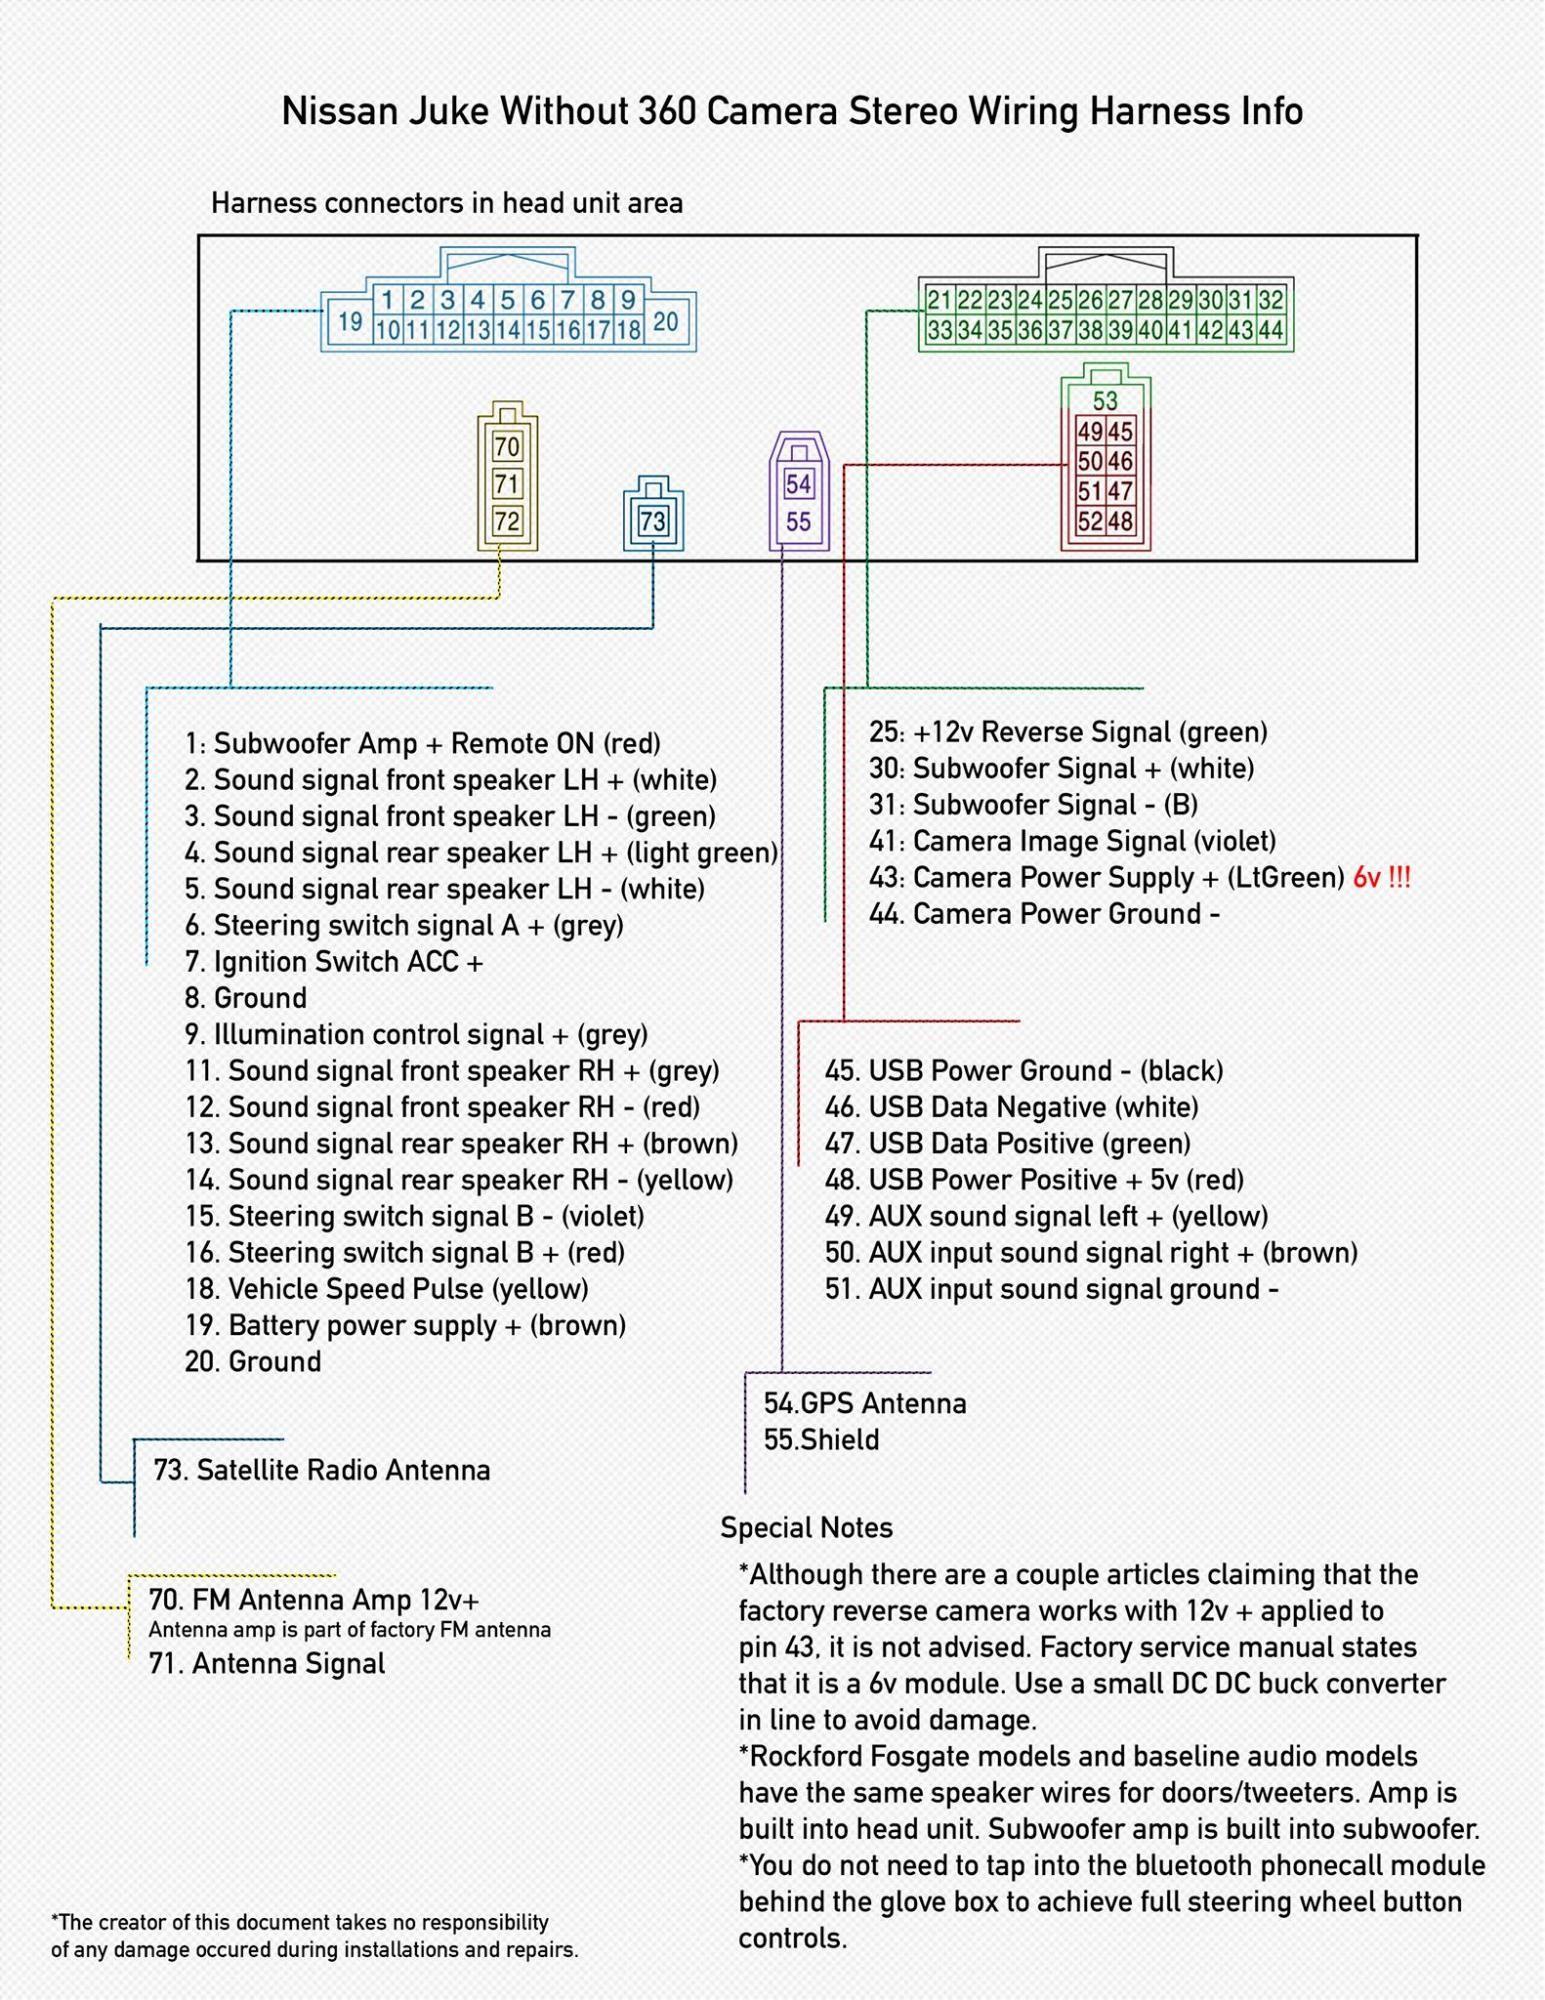 Nissan Almera 2003 Radio Diagram B8185-8m00 Nissan Color Codes Wiring Diagram P H Crane Controller